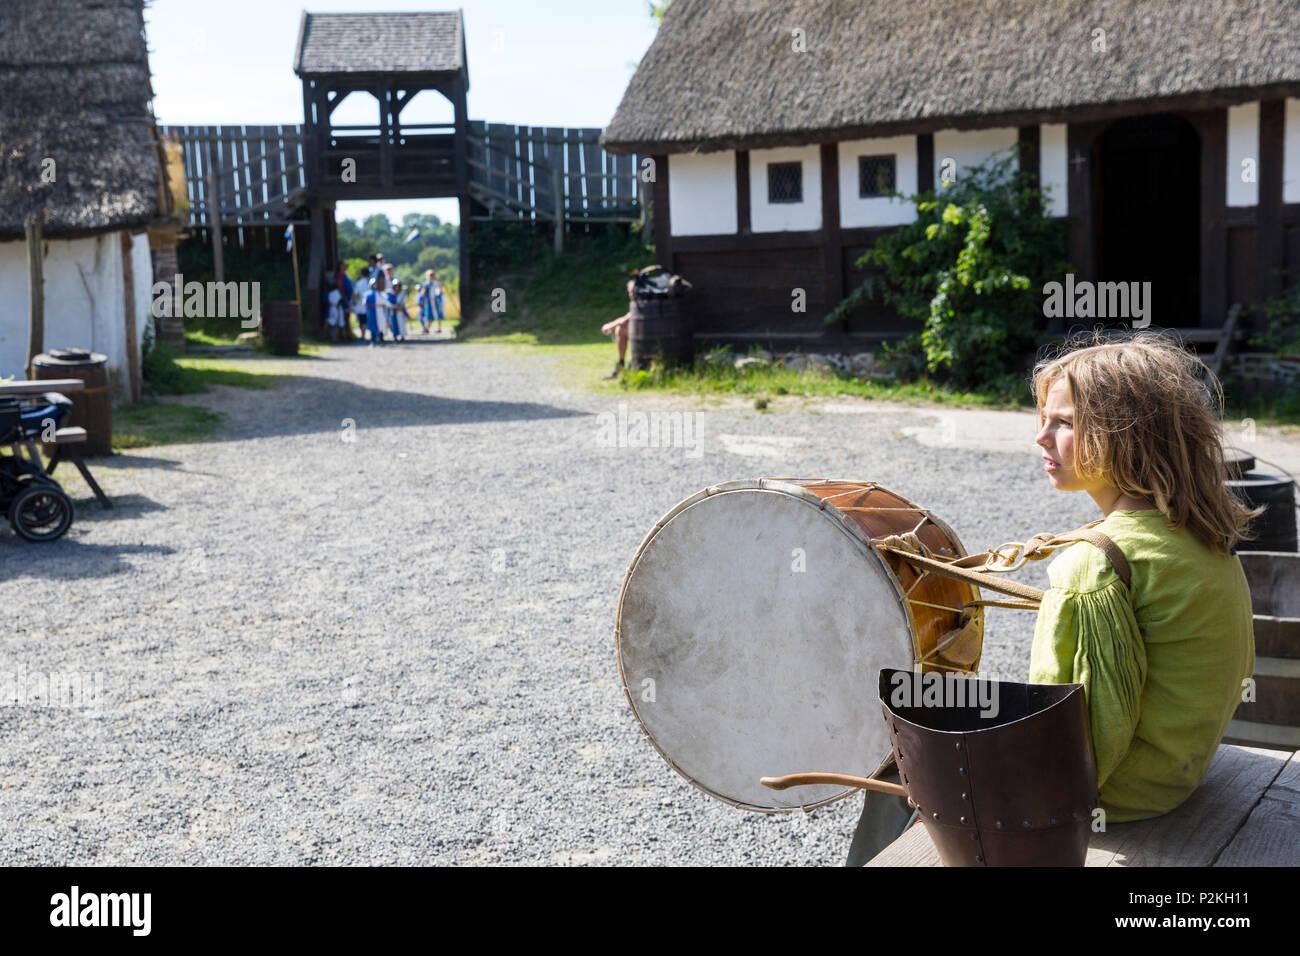 Garçon jouant un tambour, tabour, Centre d'âge moyen, moyen-âge, le village, la mer Baltique, près de Bornholm Gudhjem, Danemark, Europe Photo Stock